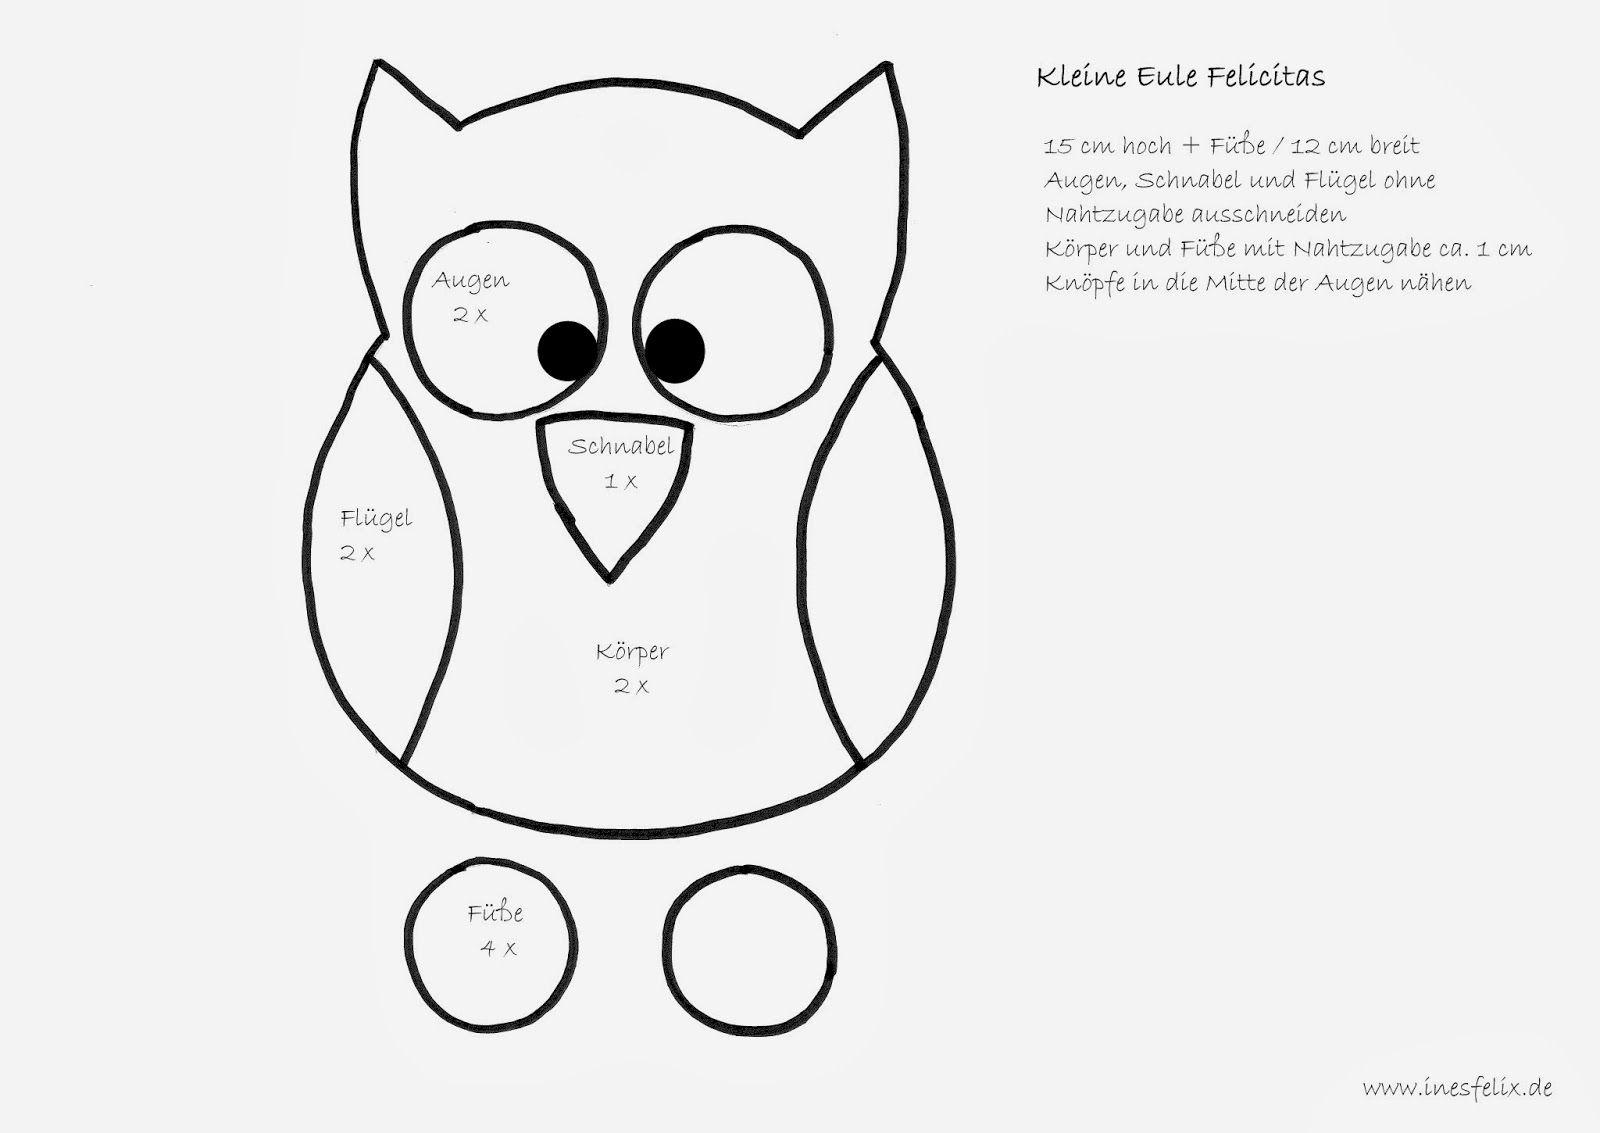 vorlage einladungskarten geburtstag kostenlos dibujos para colorear imagixs. Black Bedroom Furniture Sets. Home Design Ideas